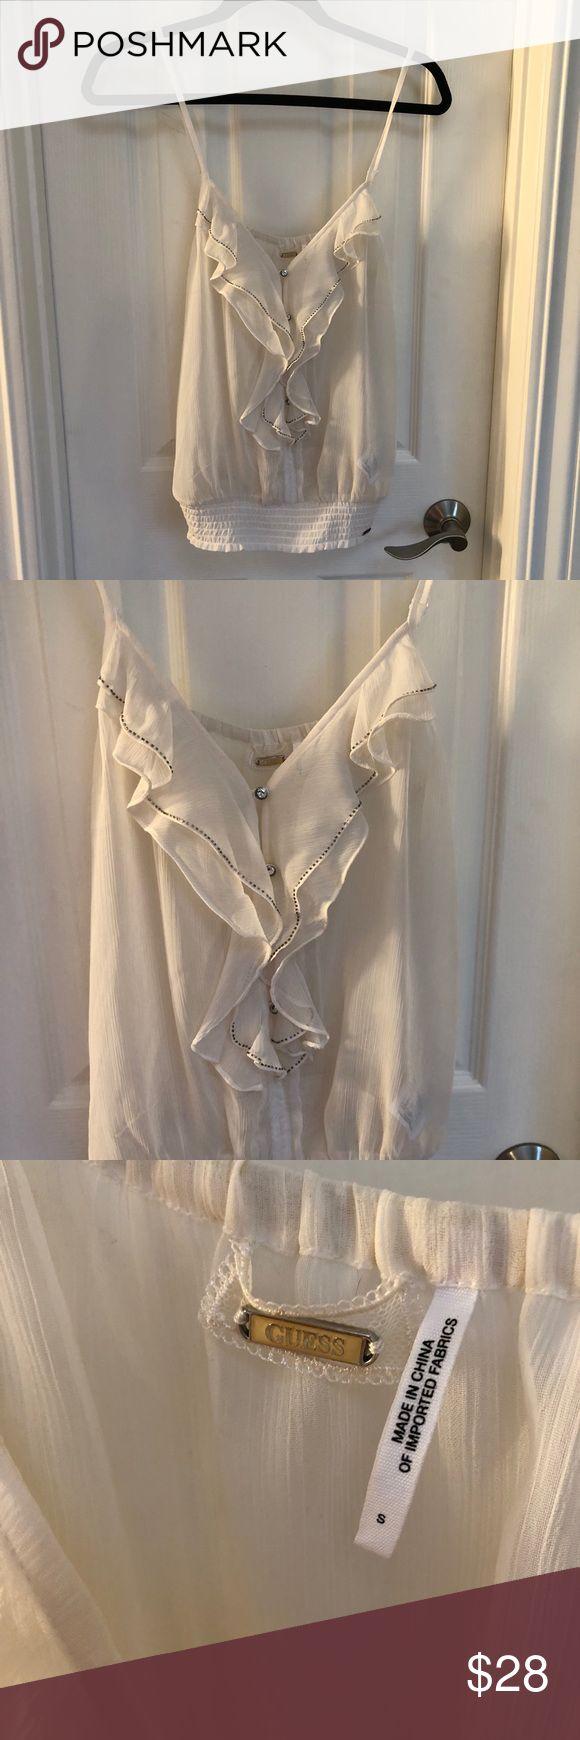 Fein Ein Schultercocktailkleid Unter 100 Bilder - Hochzeit Kleid ...